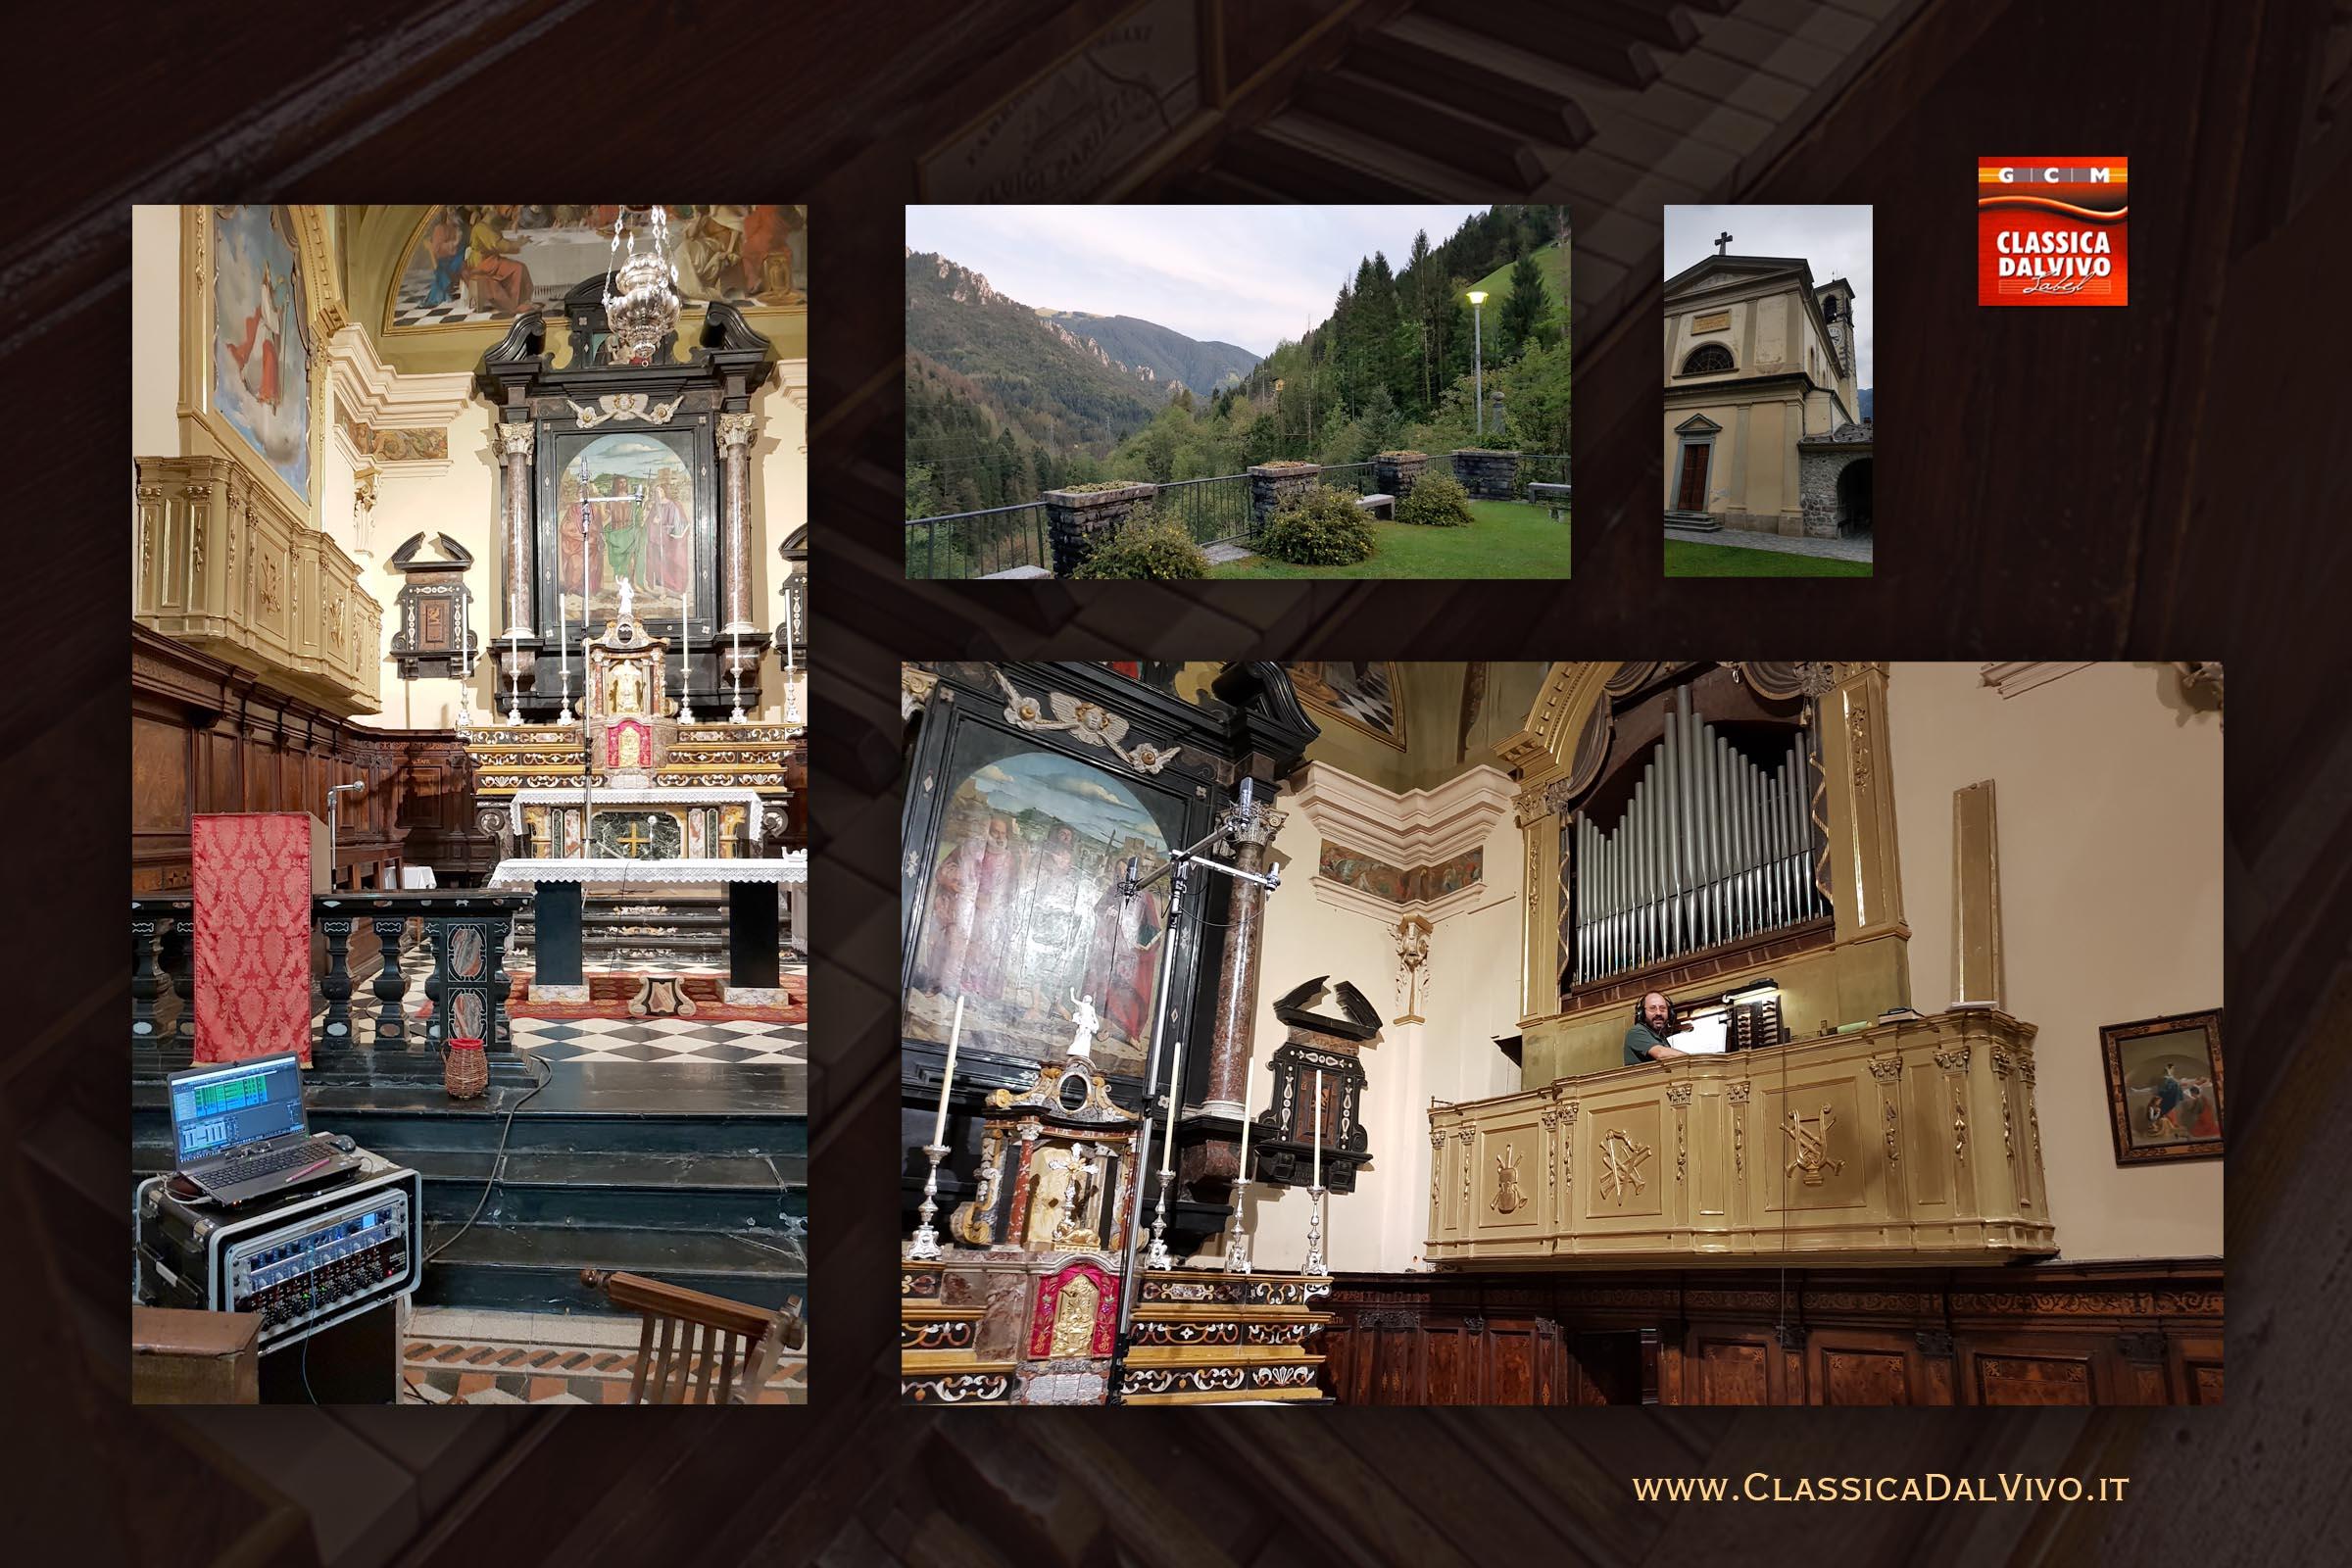 Paolo La Rosa - ClassicaDalVivo - Organo Parietti 1880 Mezzoldo